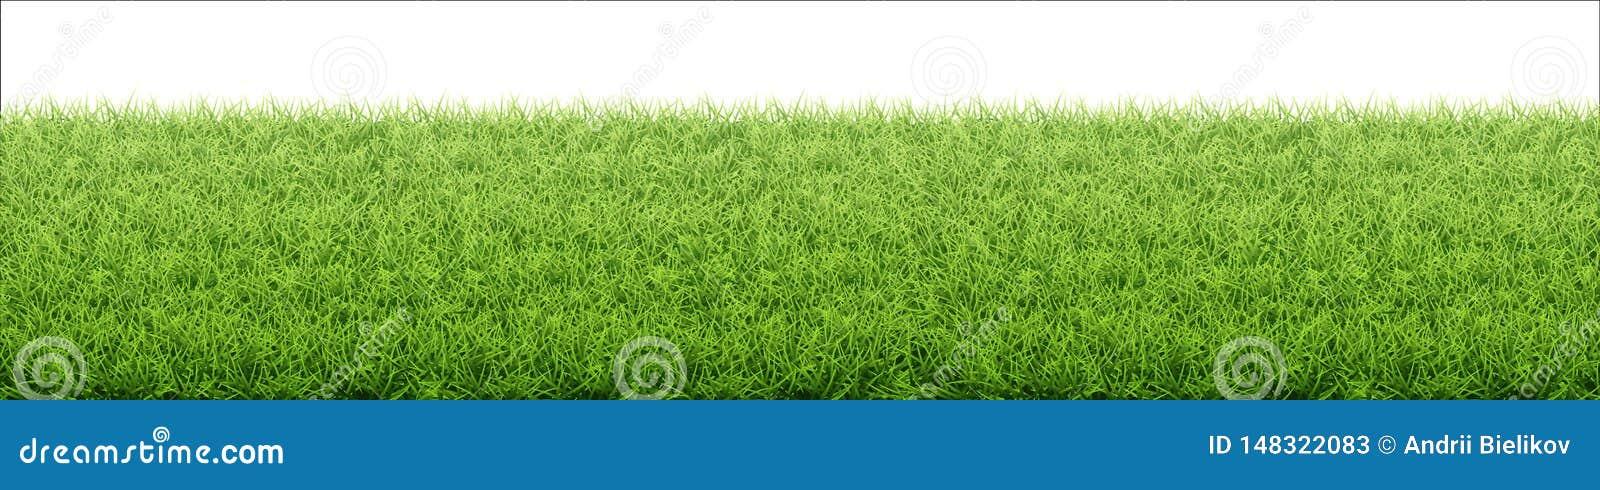 Green grass lawn. Border from fresh grass field.